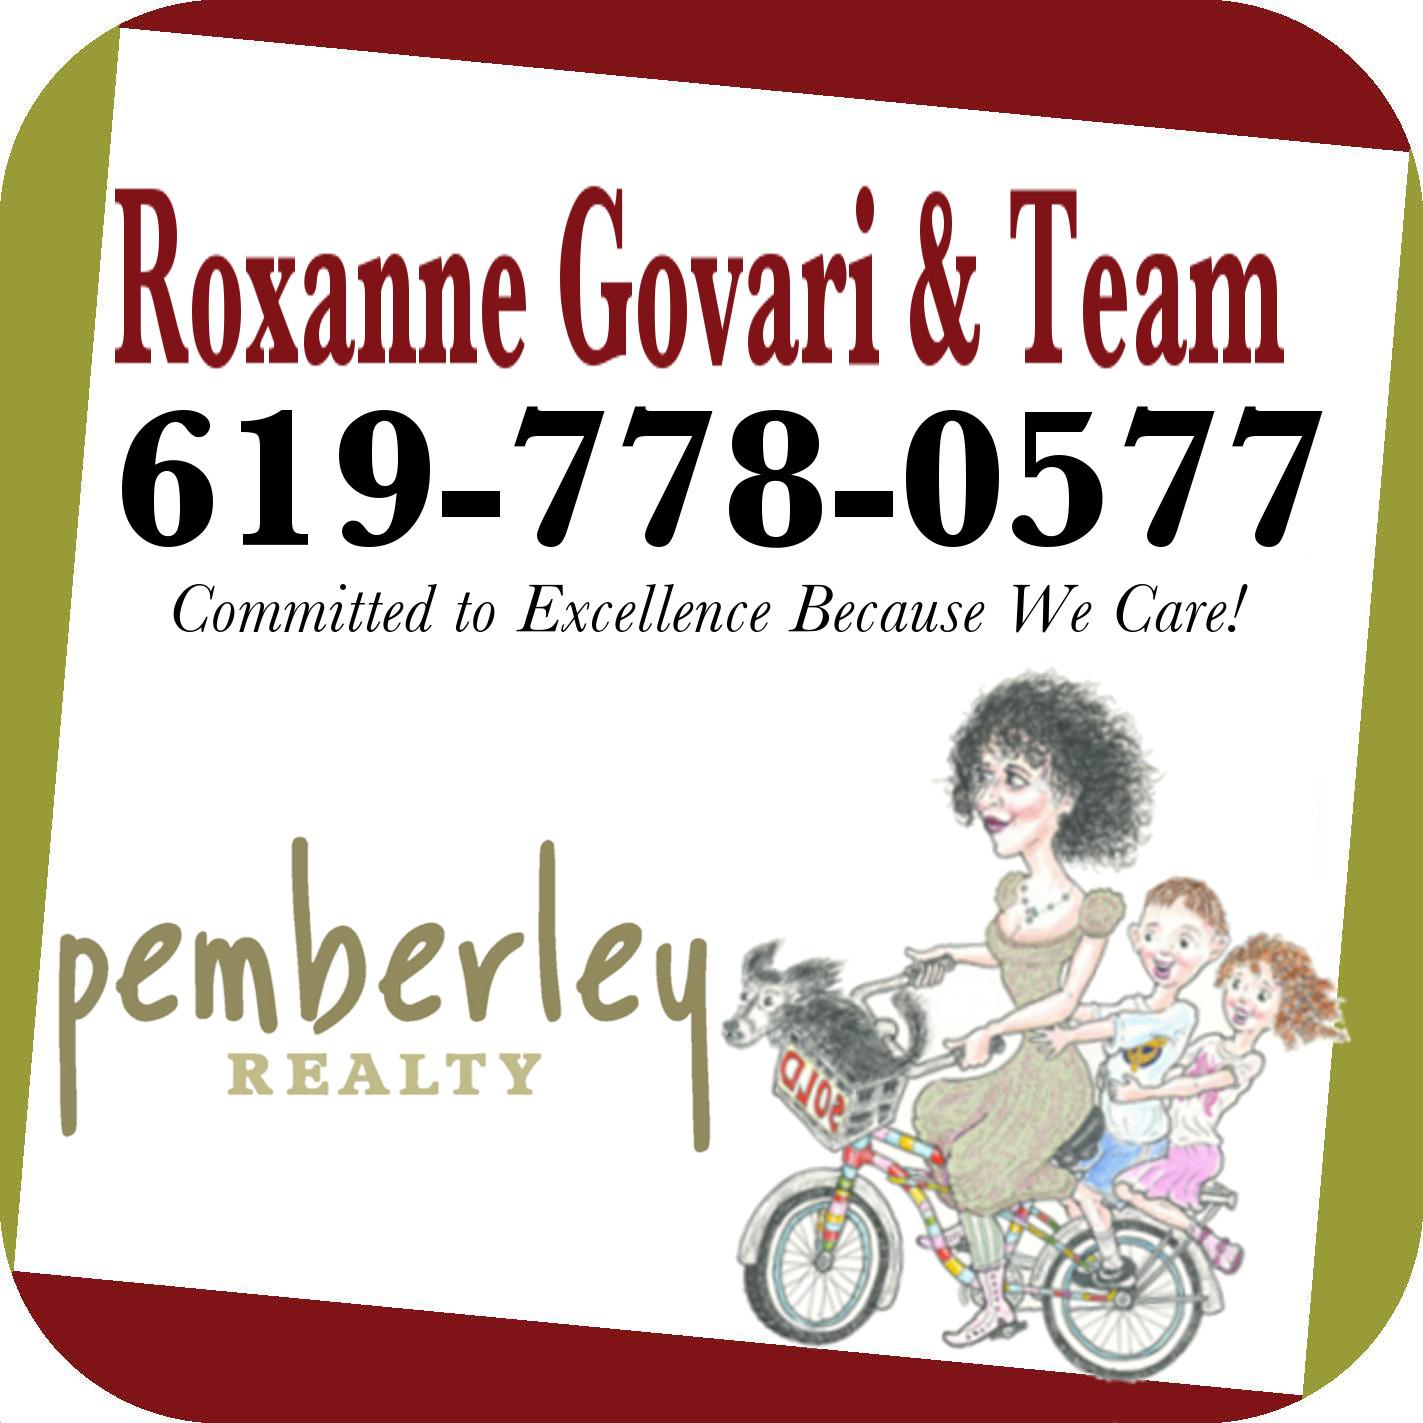 Pemberley and Roxanne.jpg